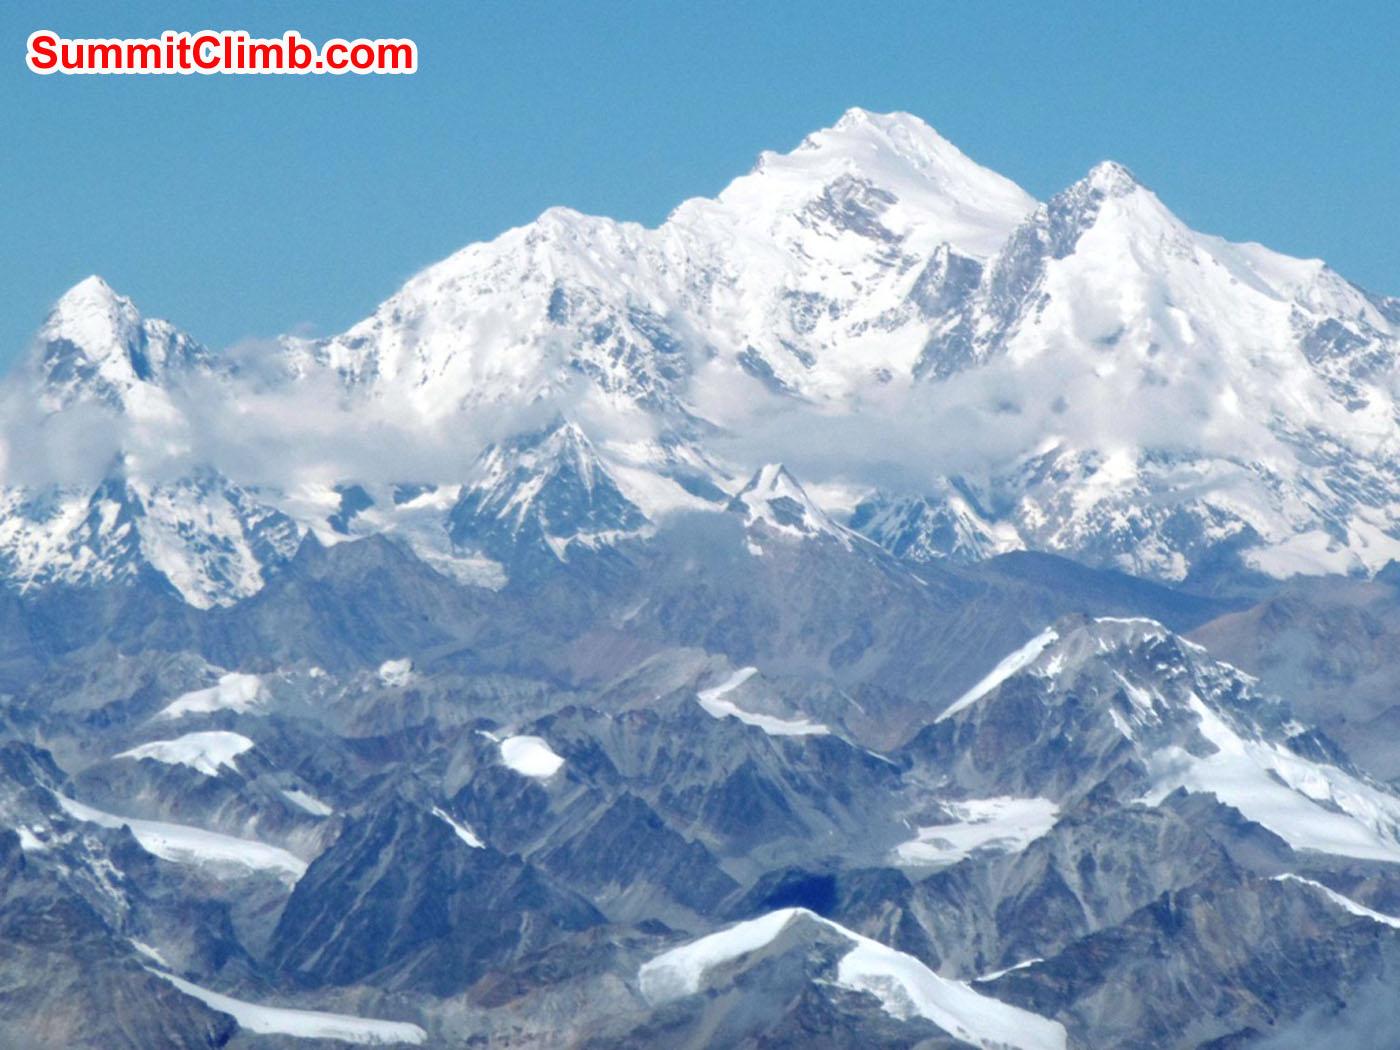 Mount Shishapangma seen from Cho Oyu. Stefan Simchen Photo